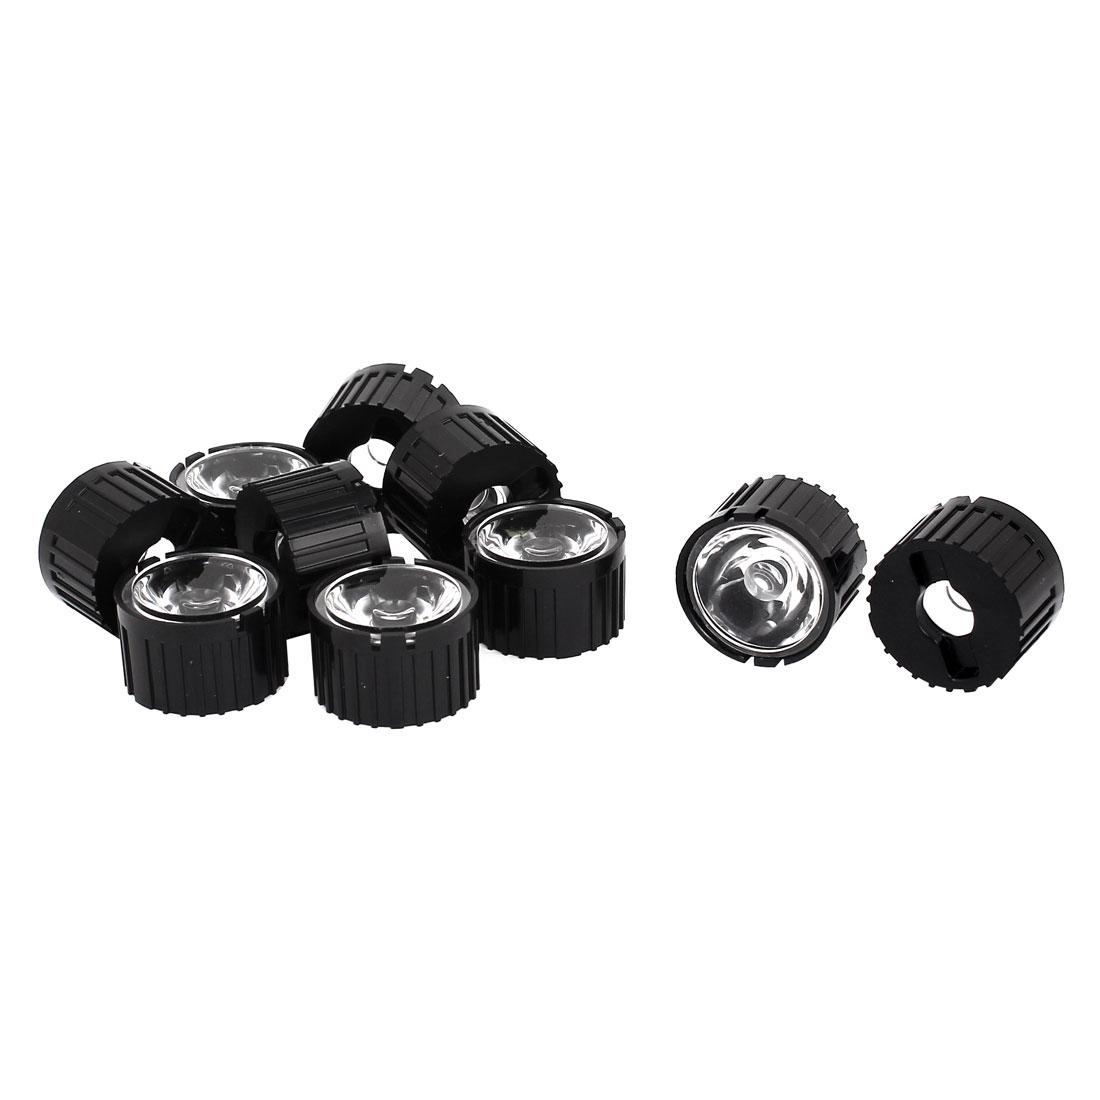 10 Pcs 25 Degree View Angle Condenser Light LED Optical Lens w Black Holder